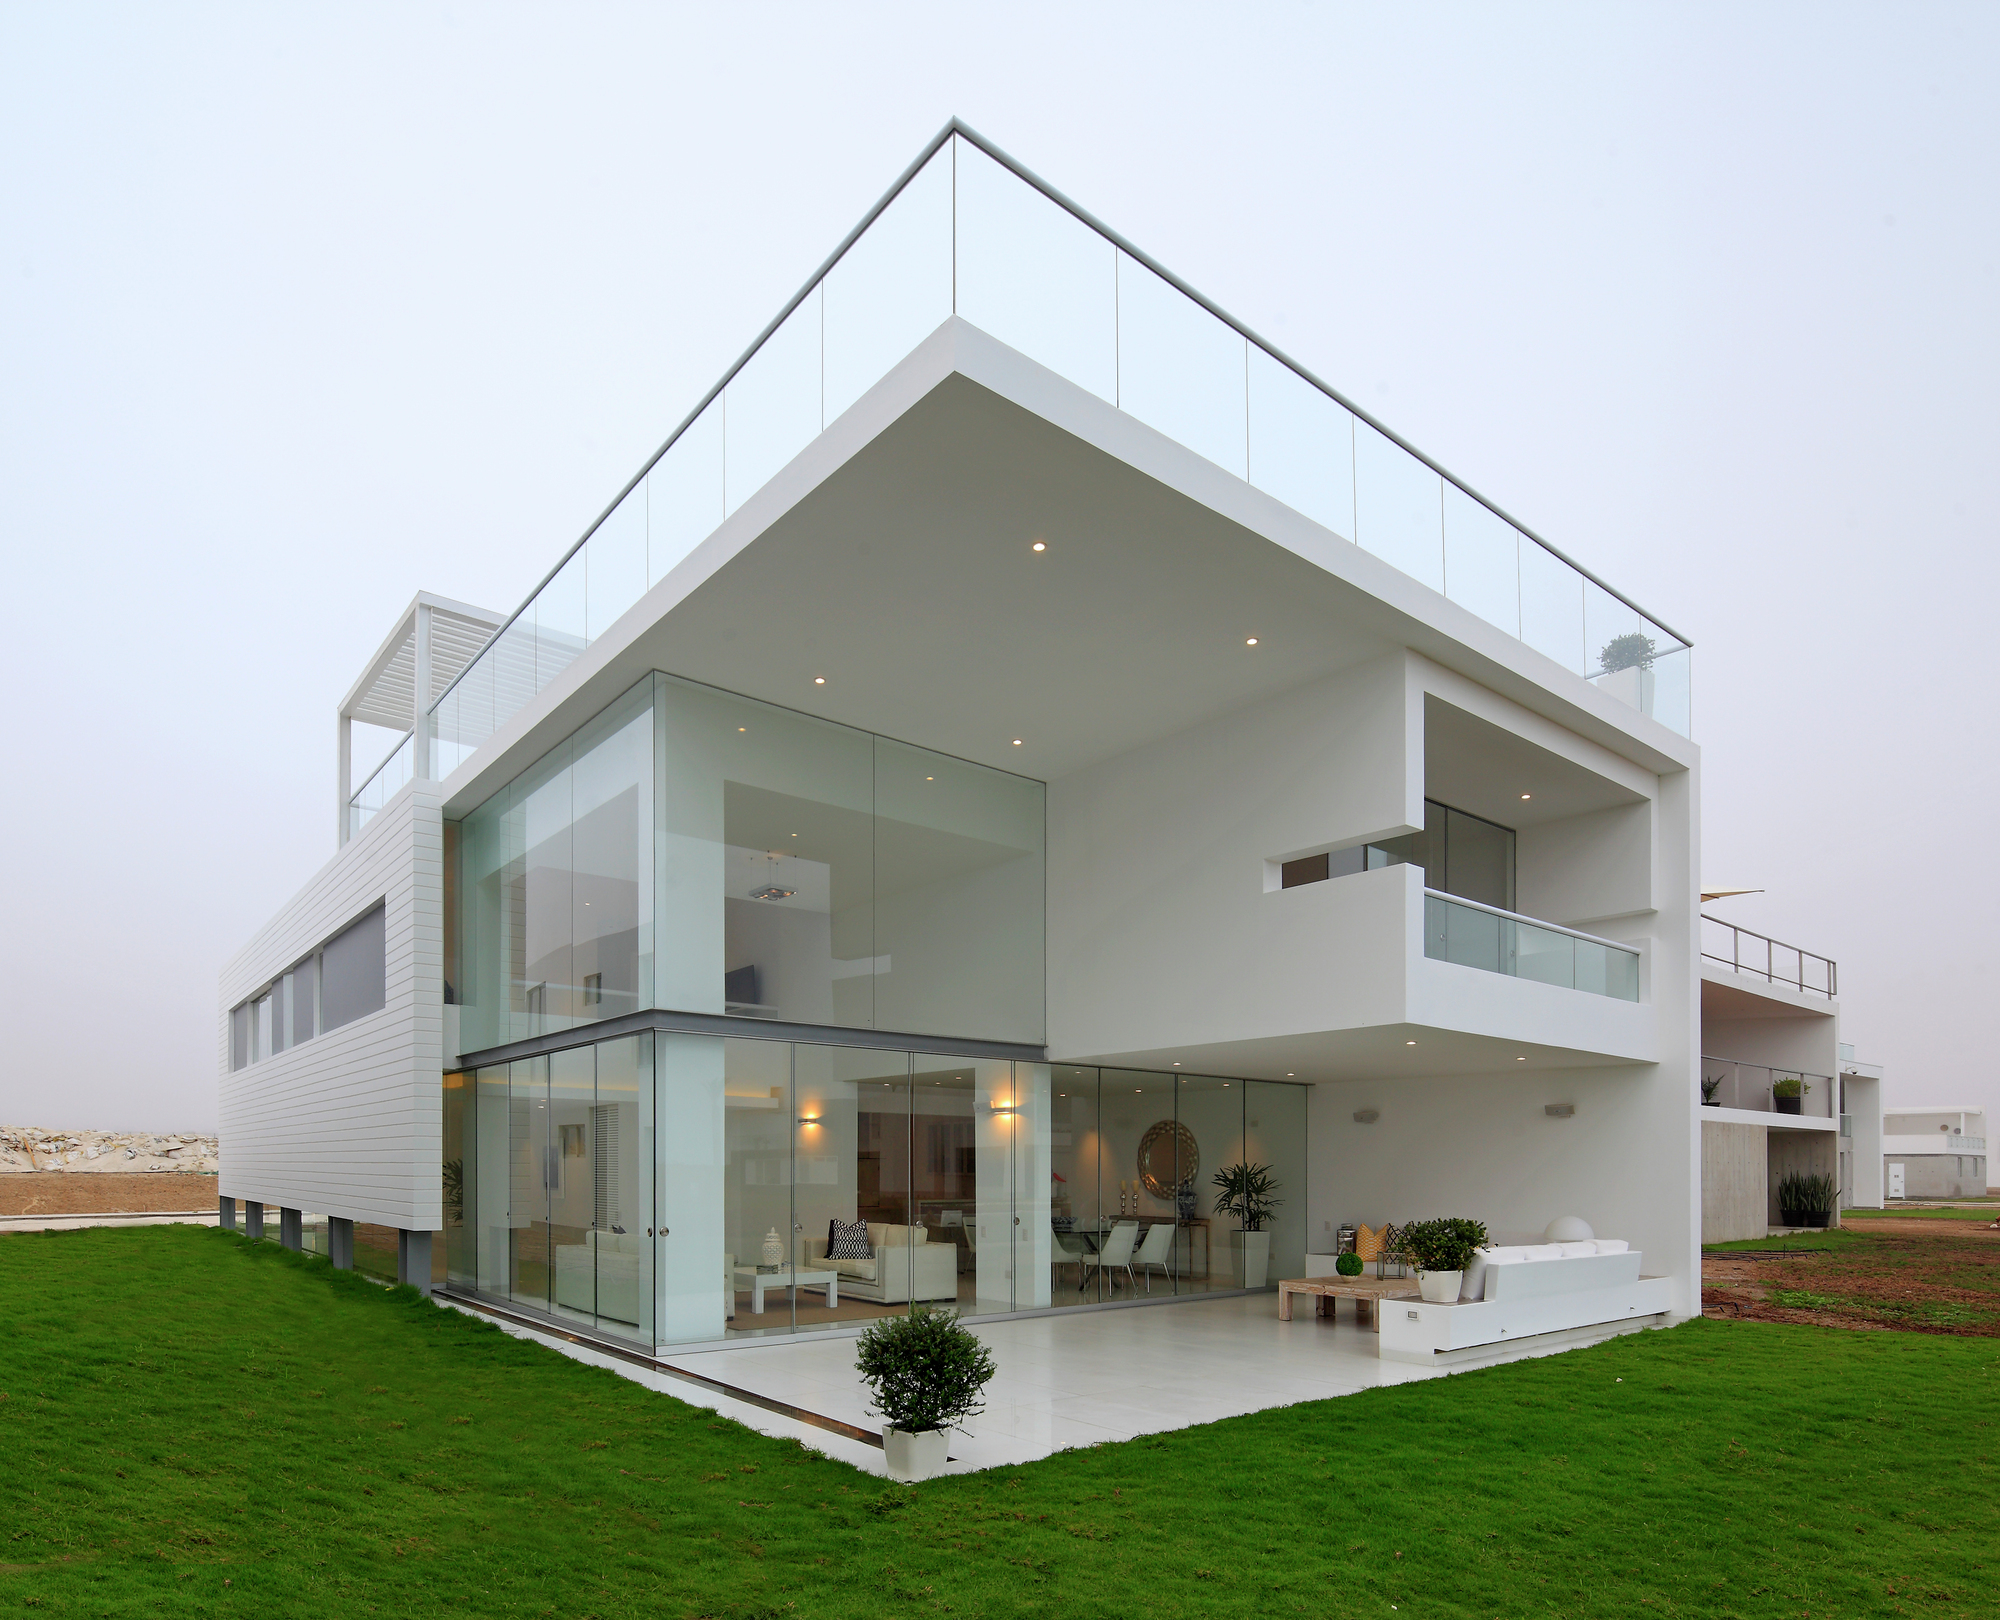 Mb house rubio arquitectos archdaily for Arquitectos para casas